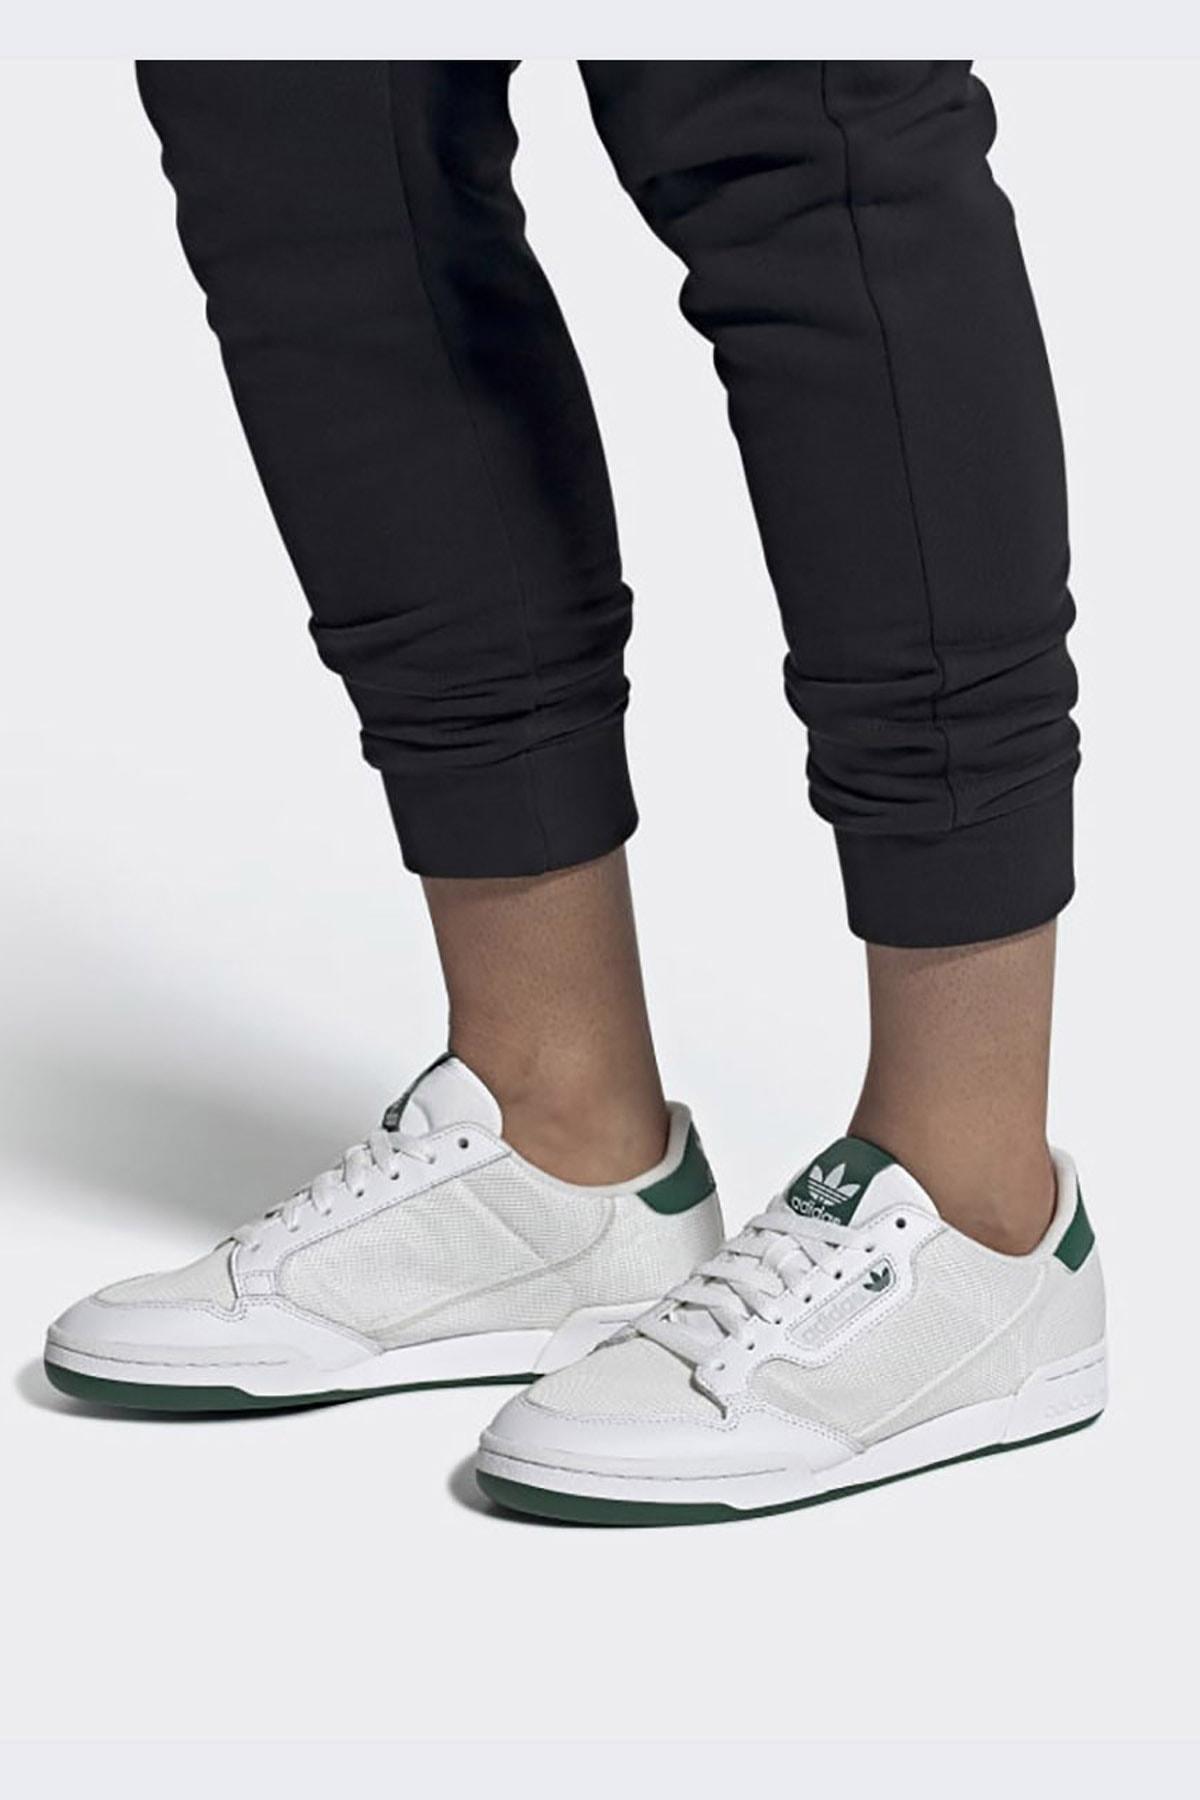 adidas Erkek Günlük Spor Ayakkabı Continental 80 Ef5995 2